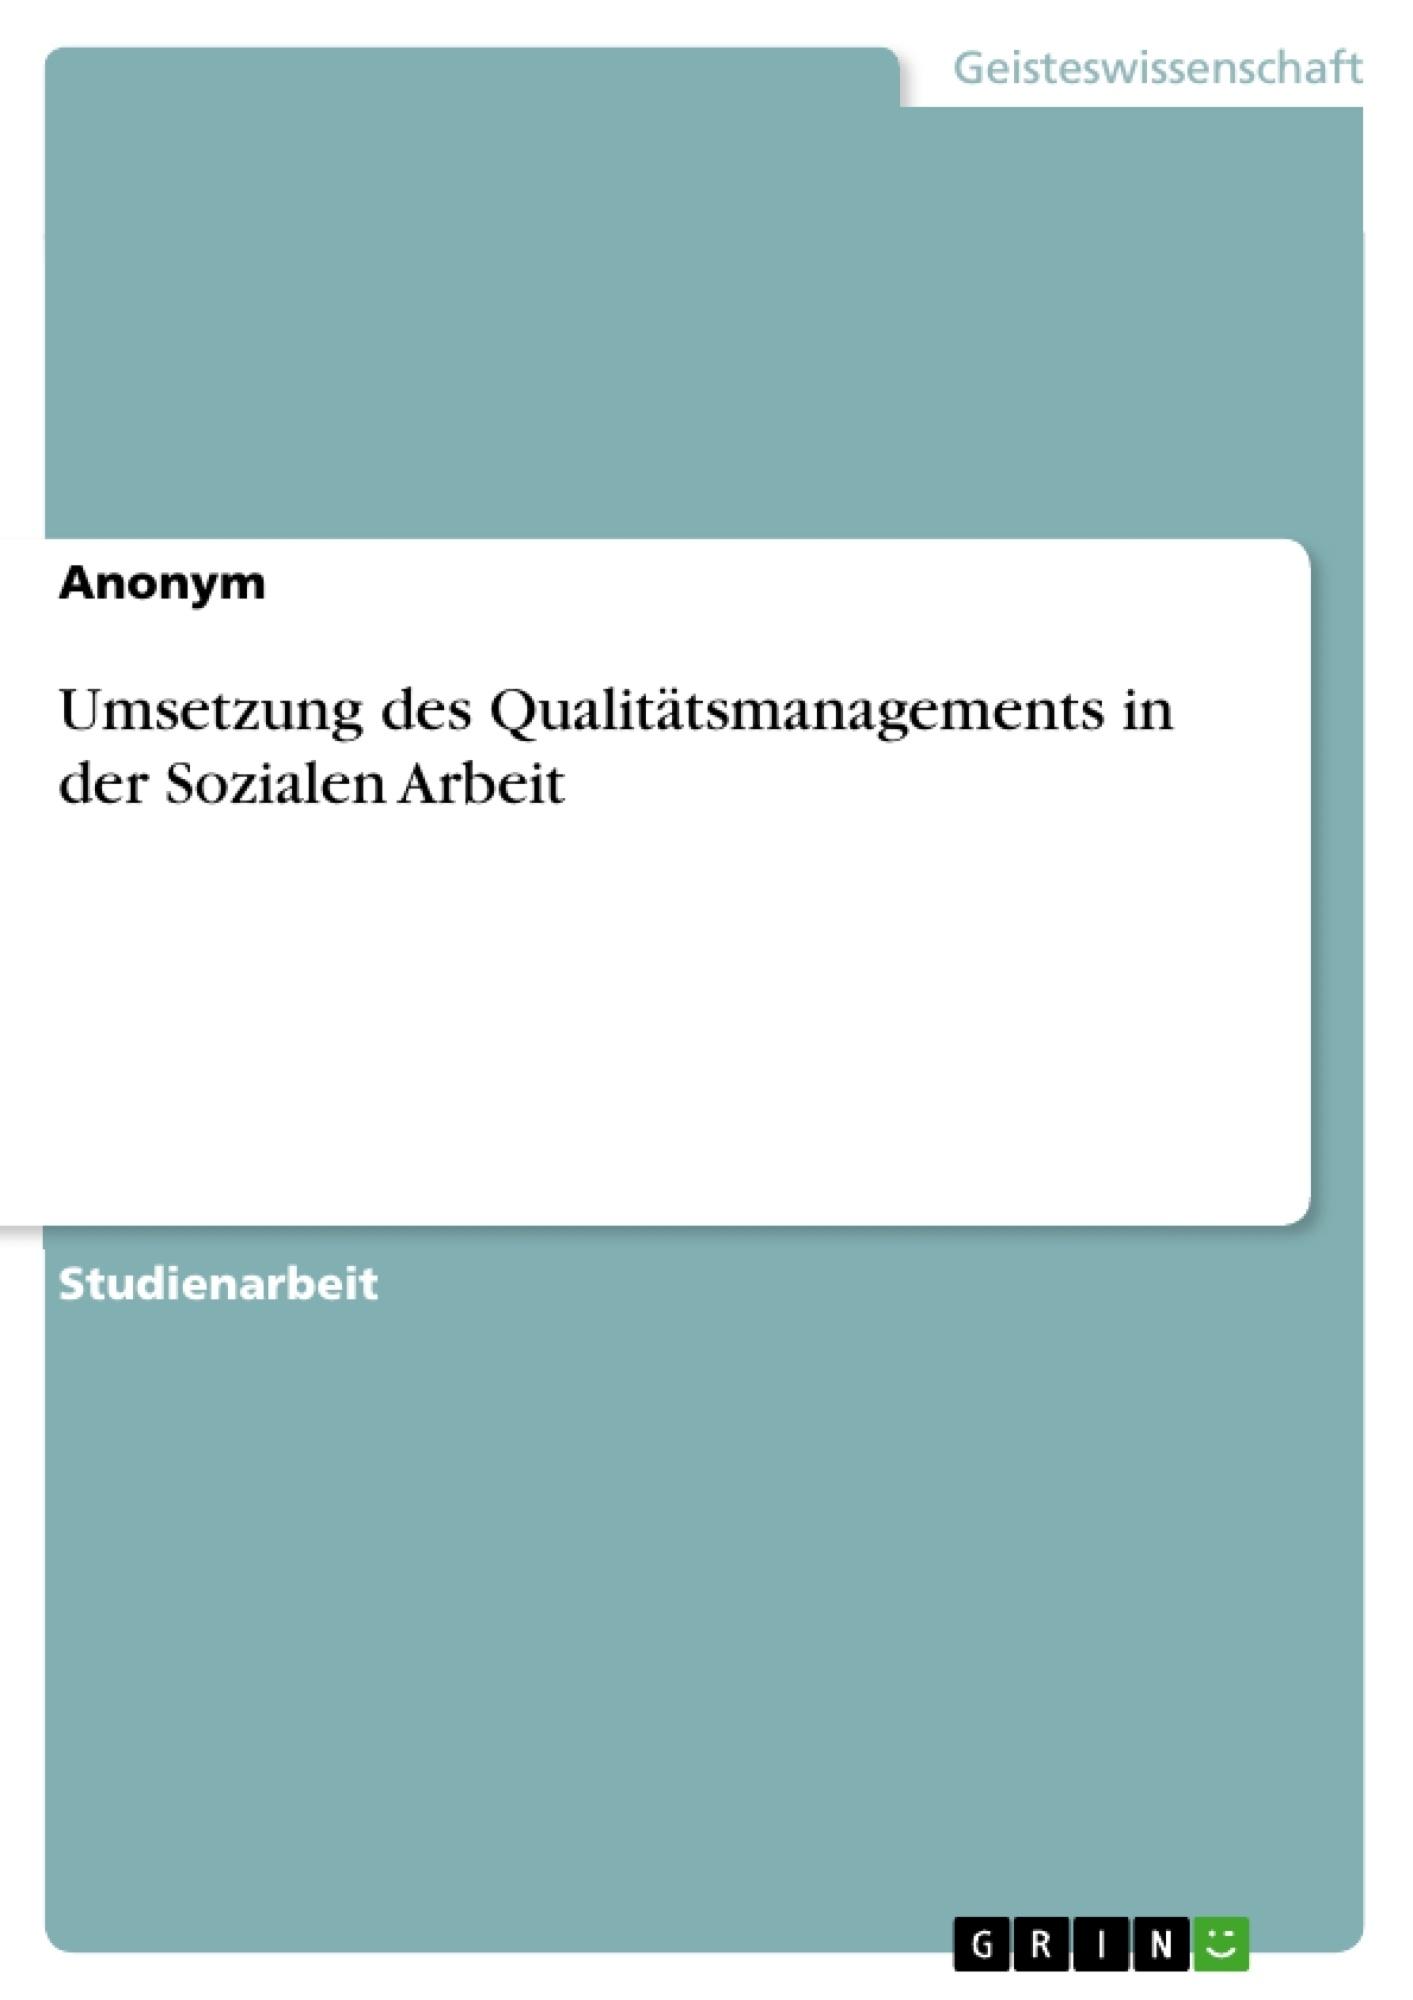 Titel: Umsetzung des Qualitätsmanagements in der Sozialen Arbeit